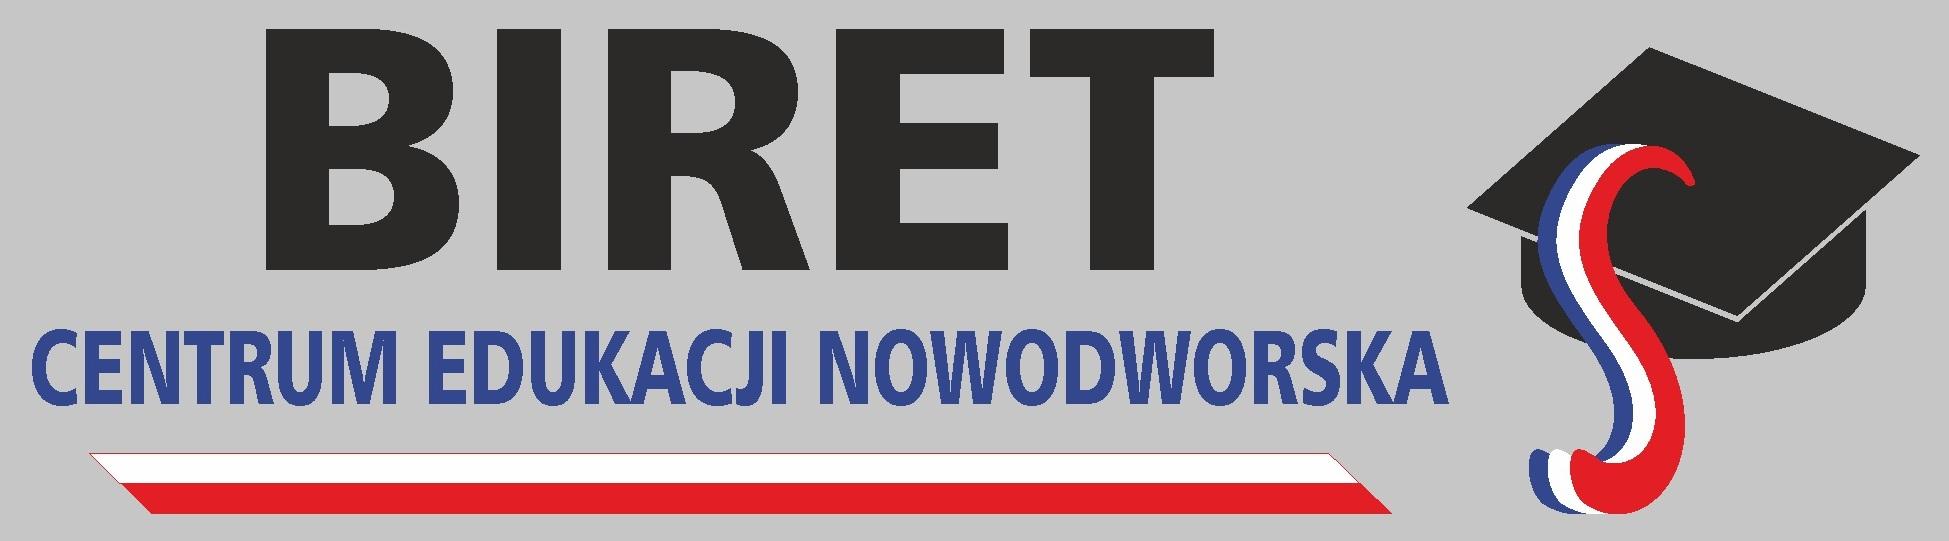 """Centrum Edukacji Nowodworska """"BIRET"""" Sabina Kwiatkowska-Giemza"""